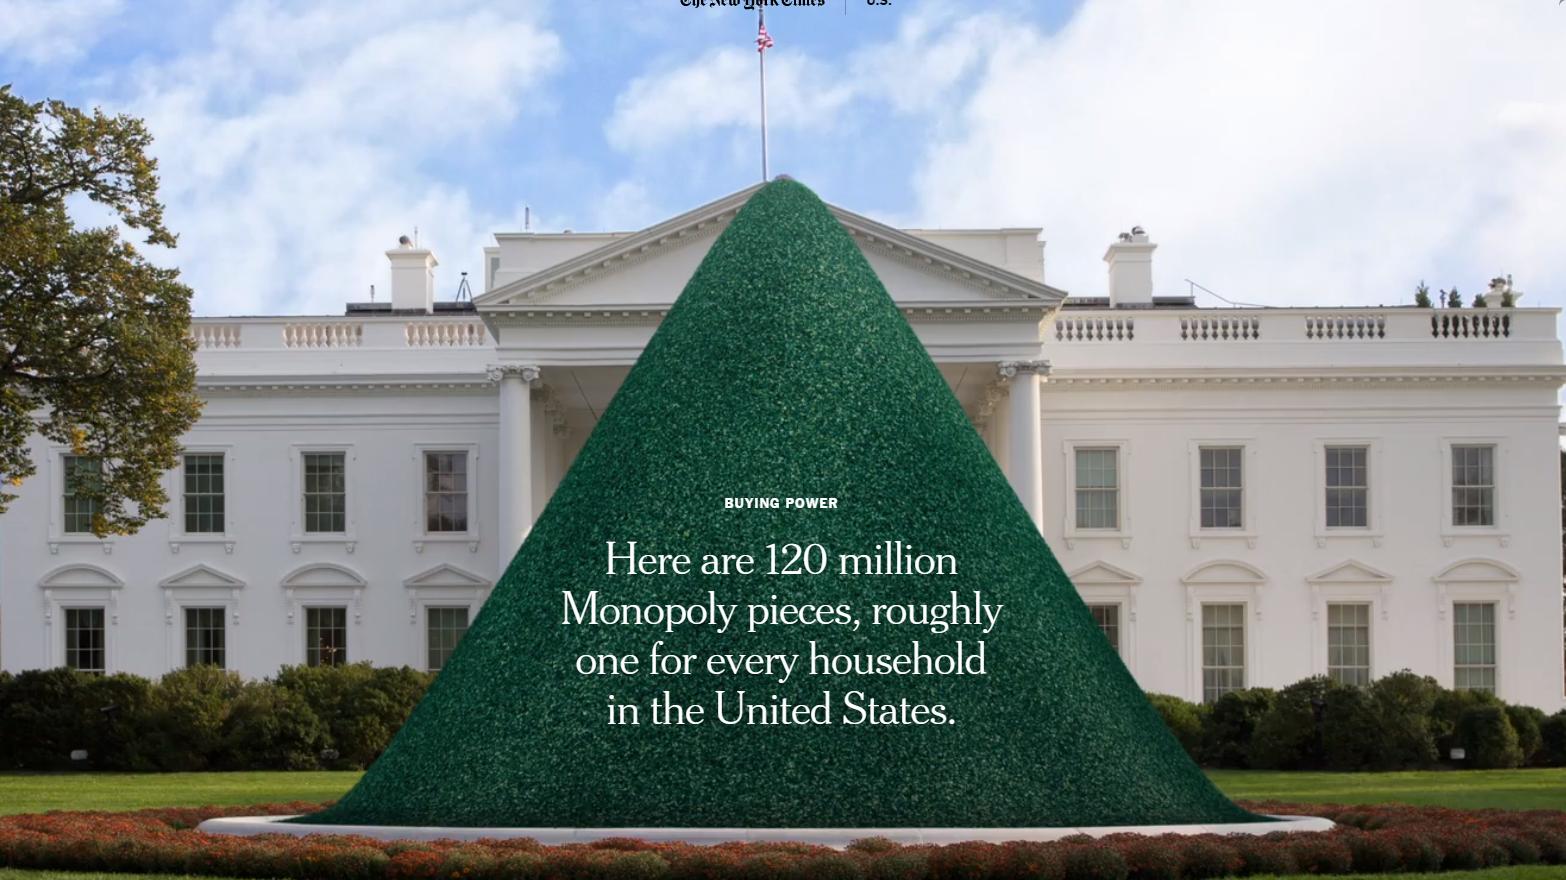 158 család dobta össze az amerikai elnökjelöltek eddigi kampánytámogatásának közel felét